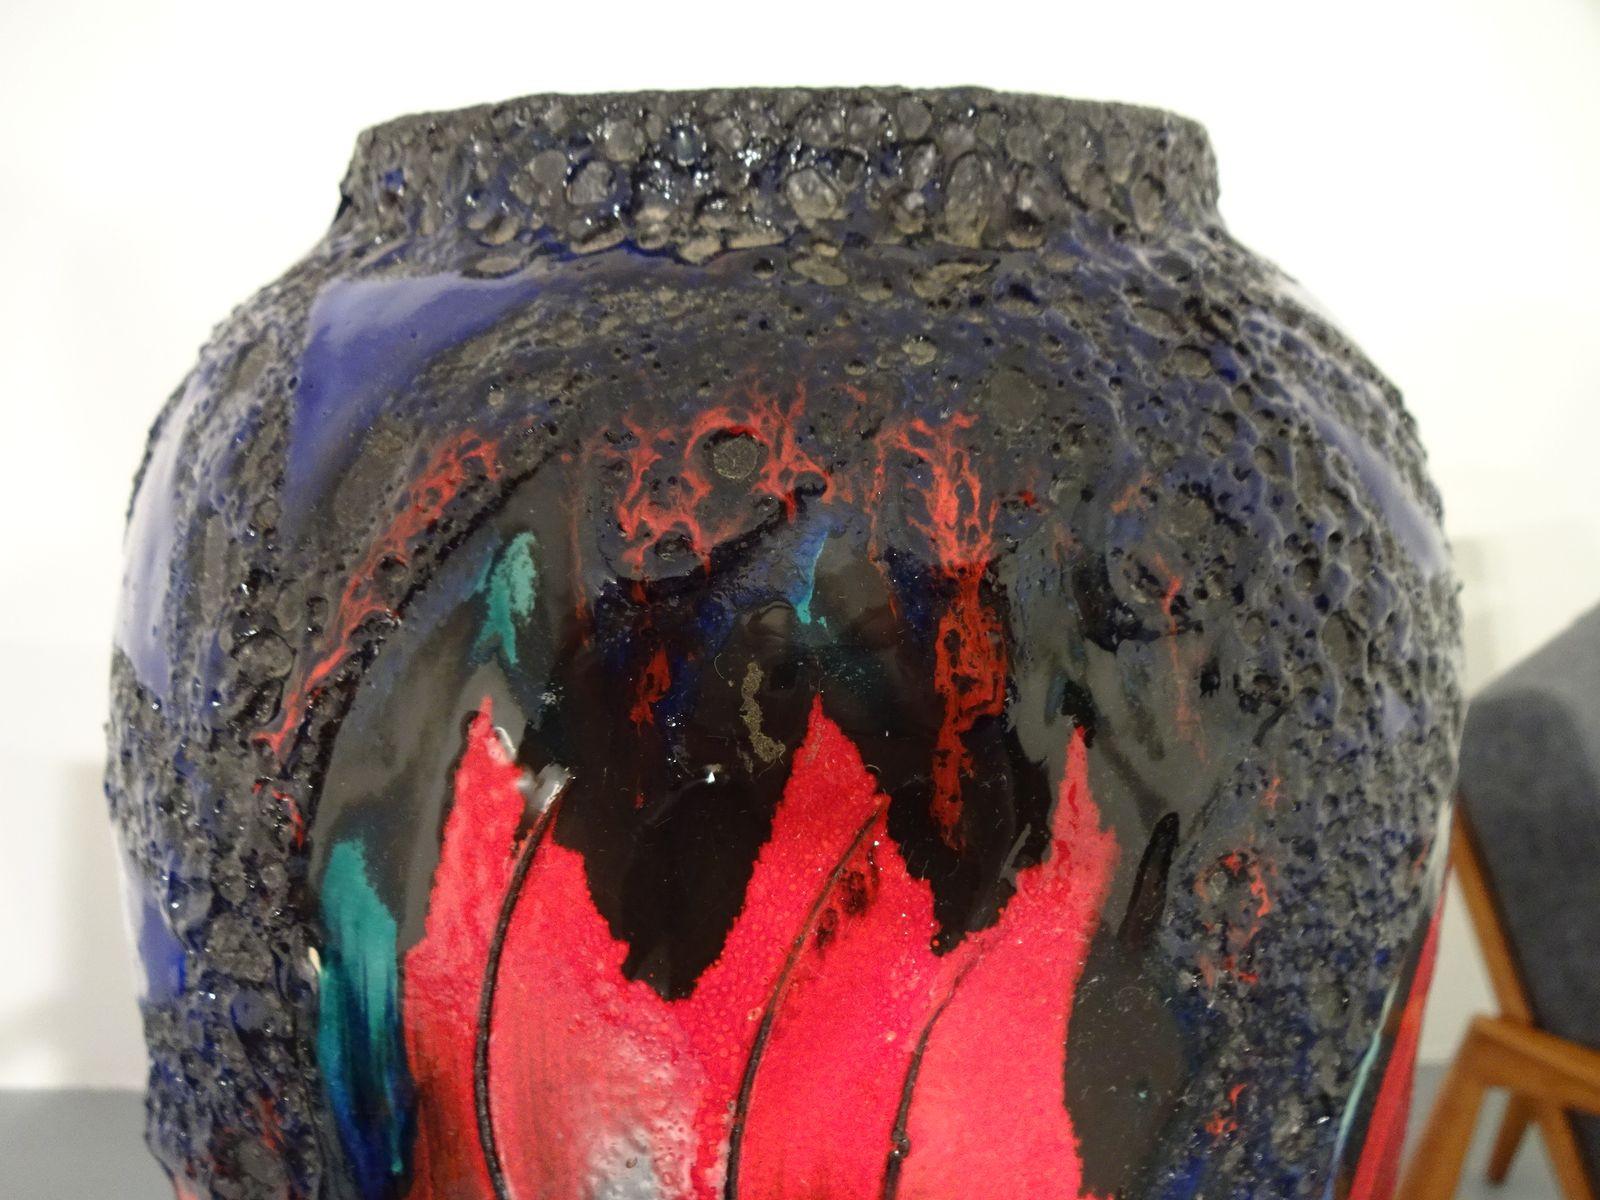 scheurich keramik vase of groaŸe fat lava keramik vase von scheurich 1970er bei pamono kaufen for preis 23000 e regula¤rer preis 30000 e